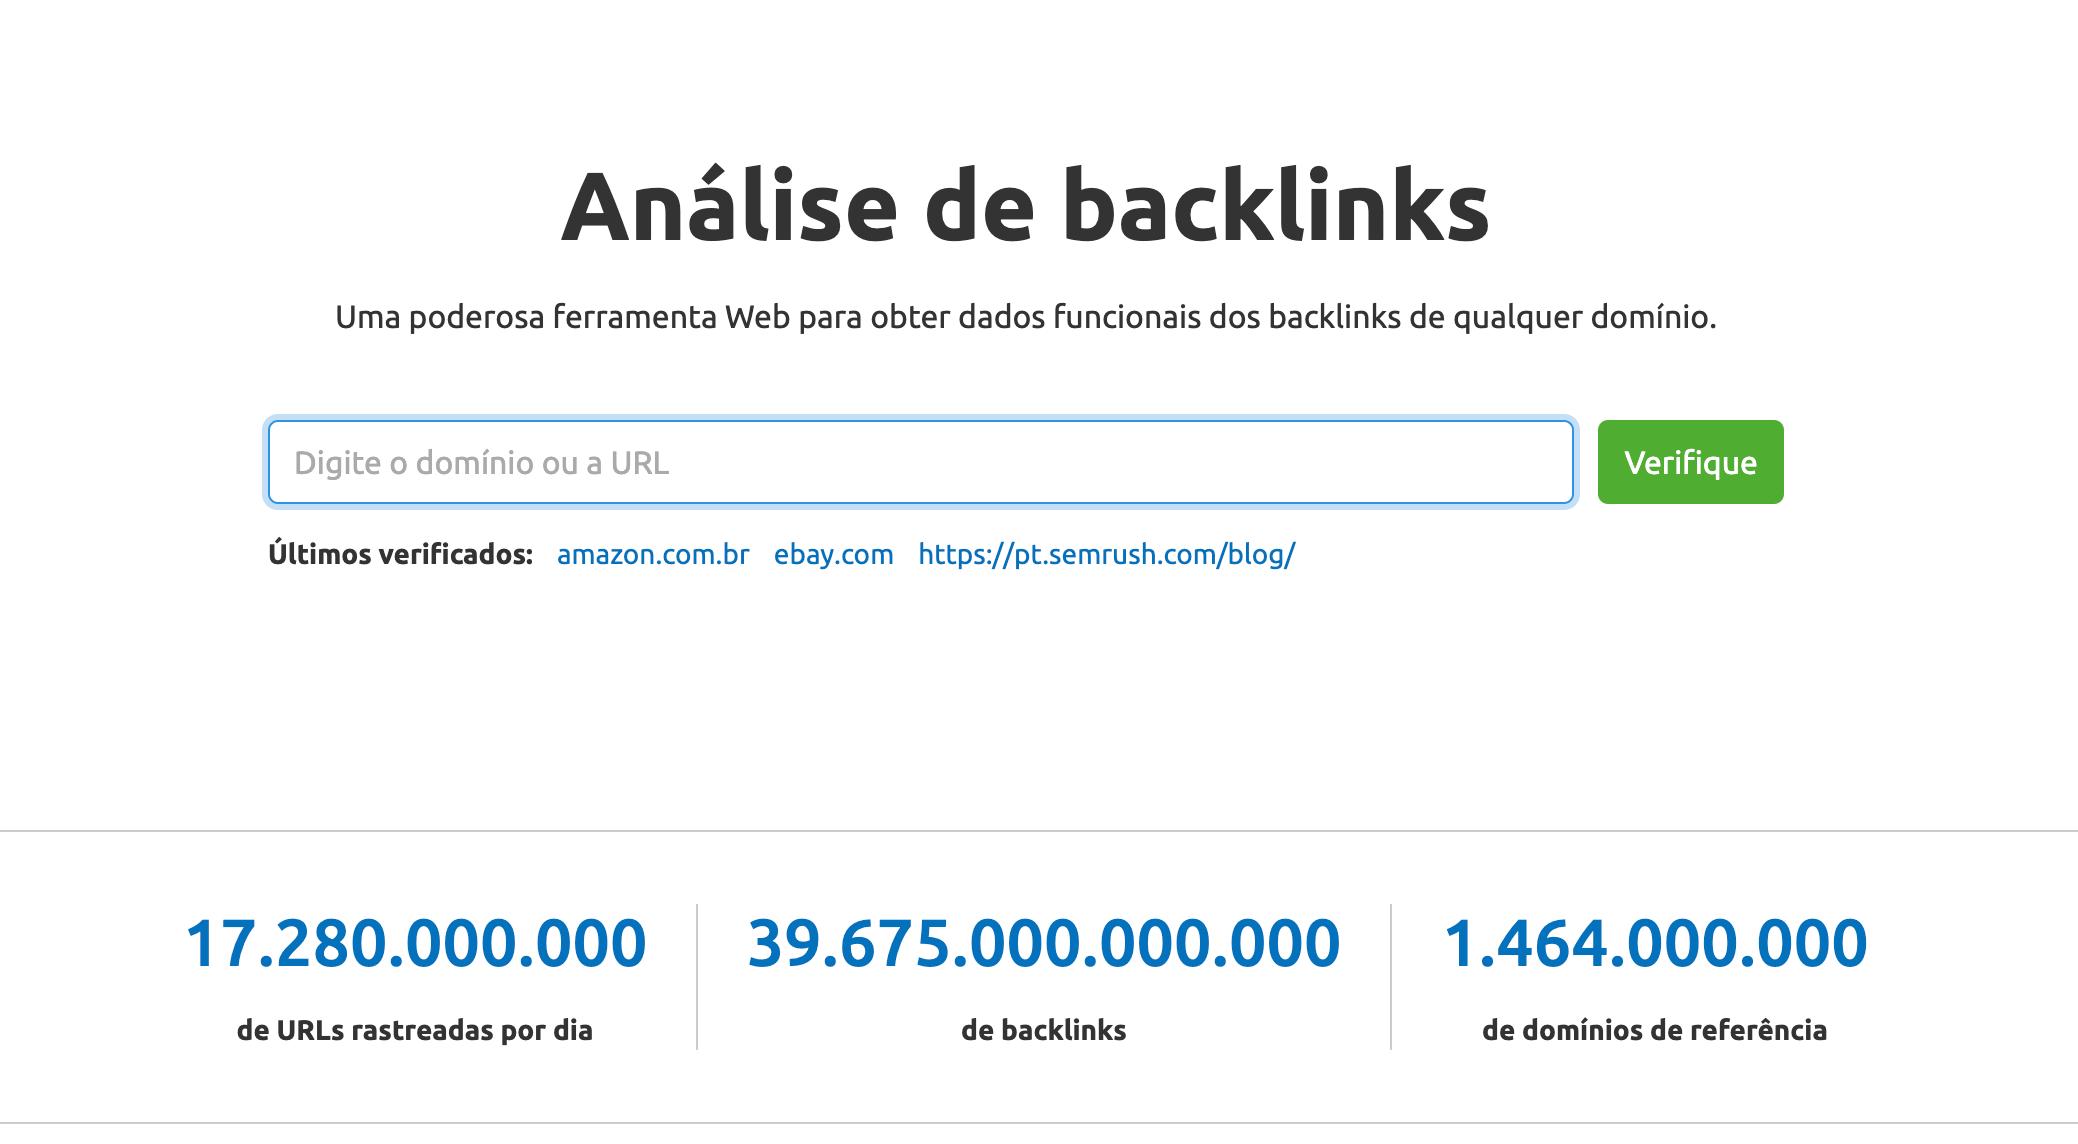 Analise de backlinks Semrush